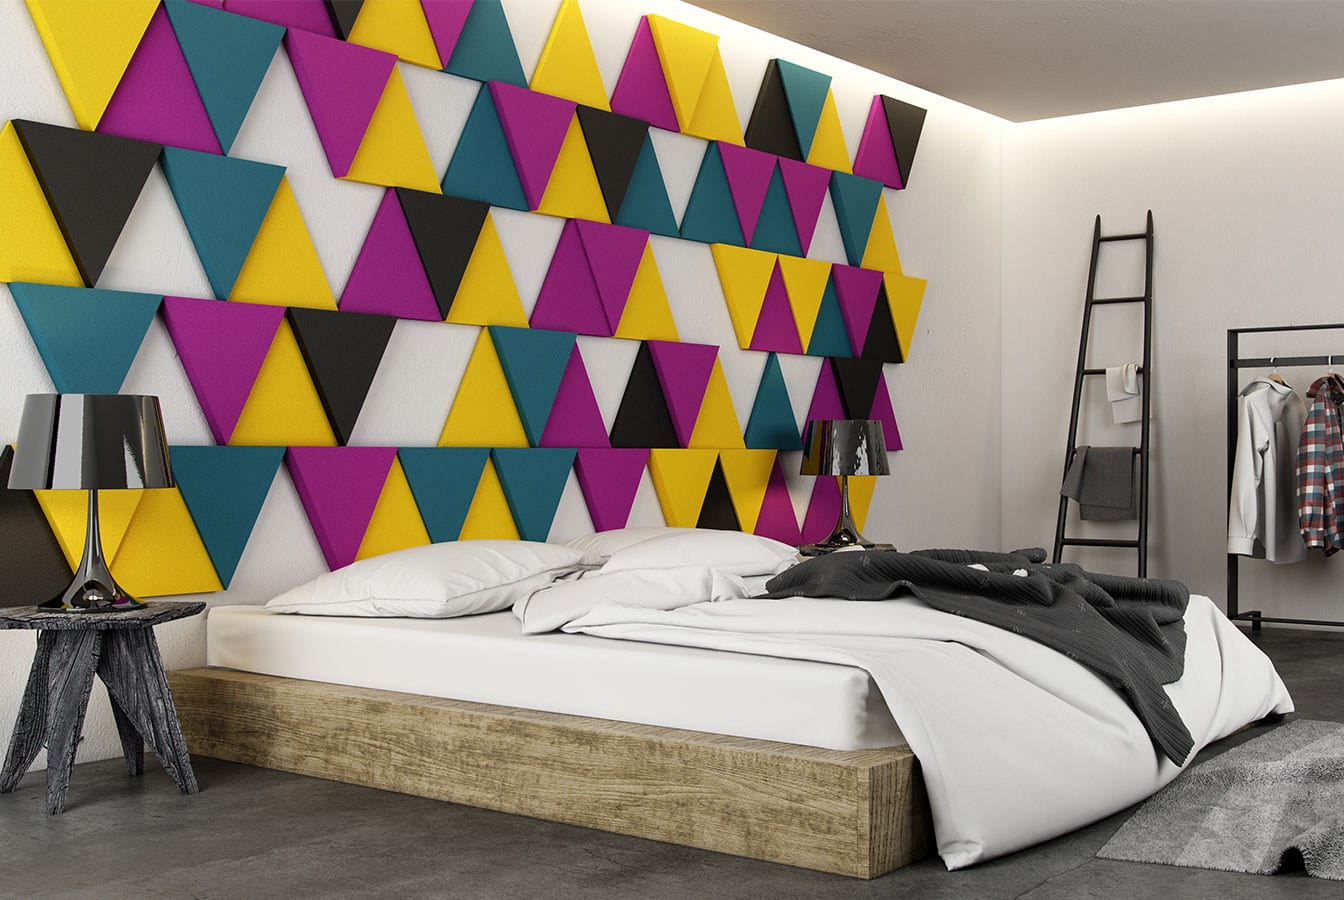 Kreative Wohnideen Schlafzimmer Und Coole Farbgestaltung Mit 3d